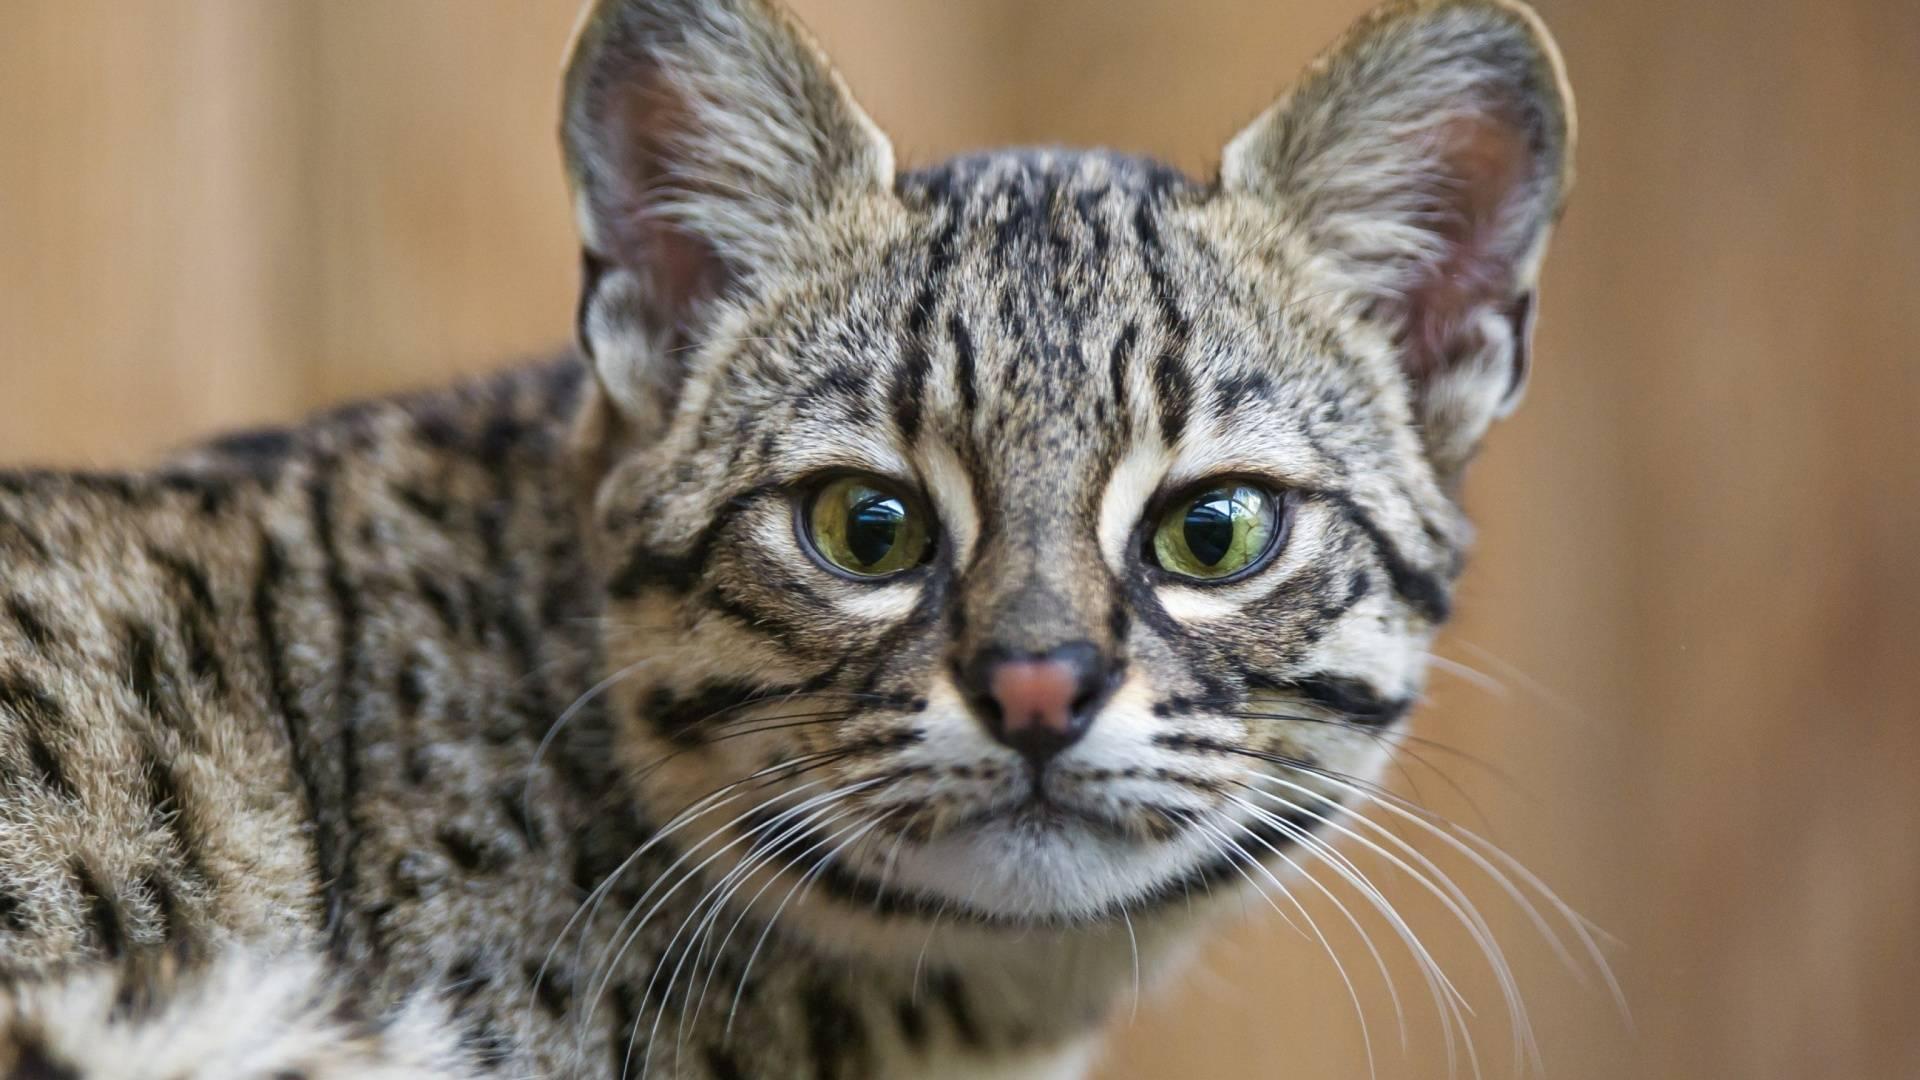 Чаузи кошка. описание, особенности, характер, содержание, уход и цена породы чаузи | живность.ру